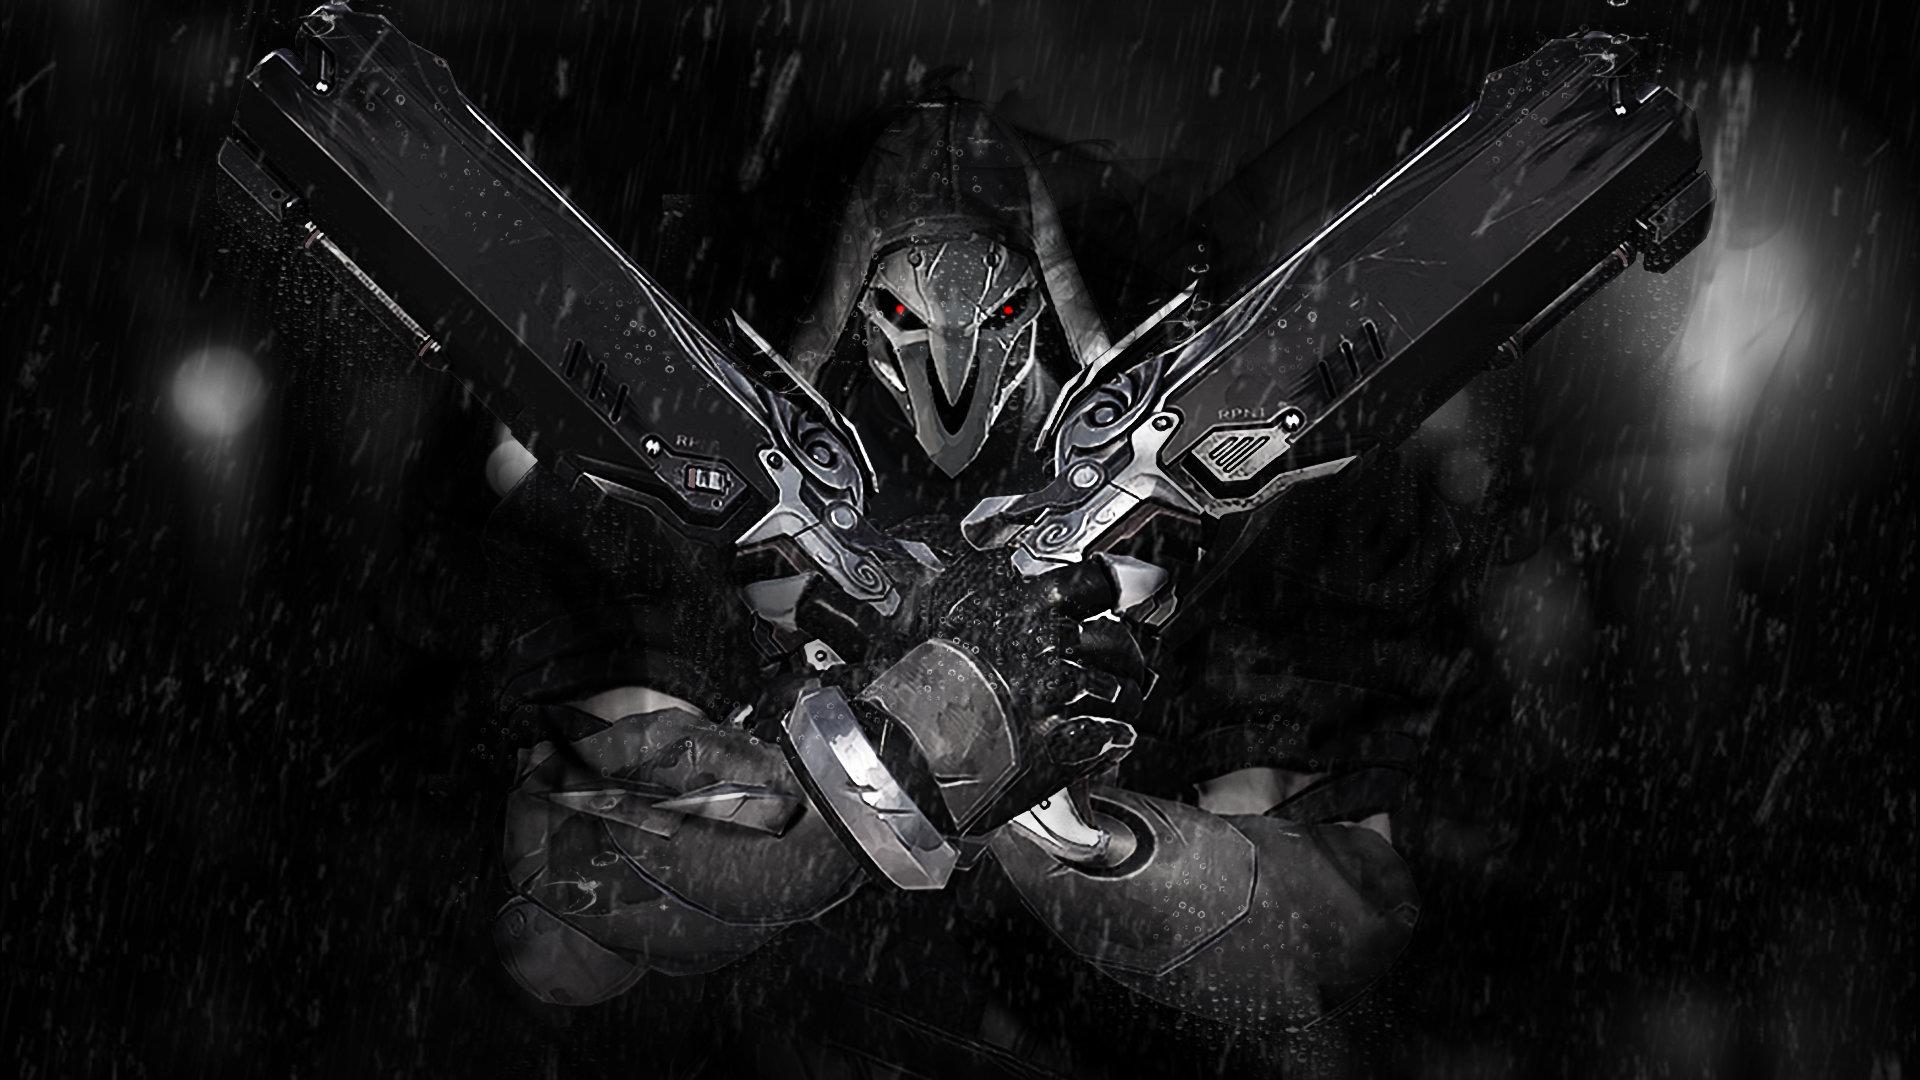 reaper overwatch wallpapers 1920x1080 full hd 1080p desktop